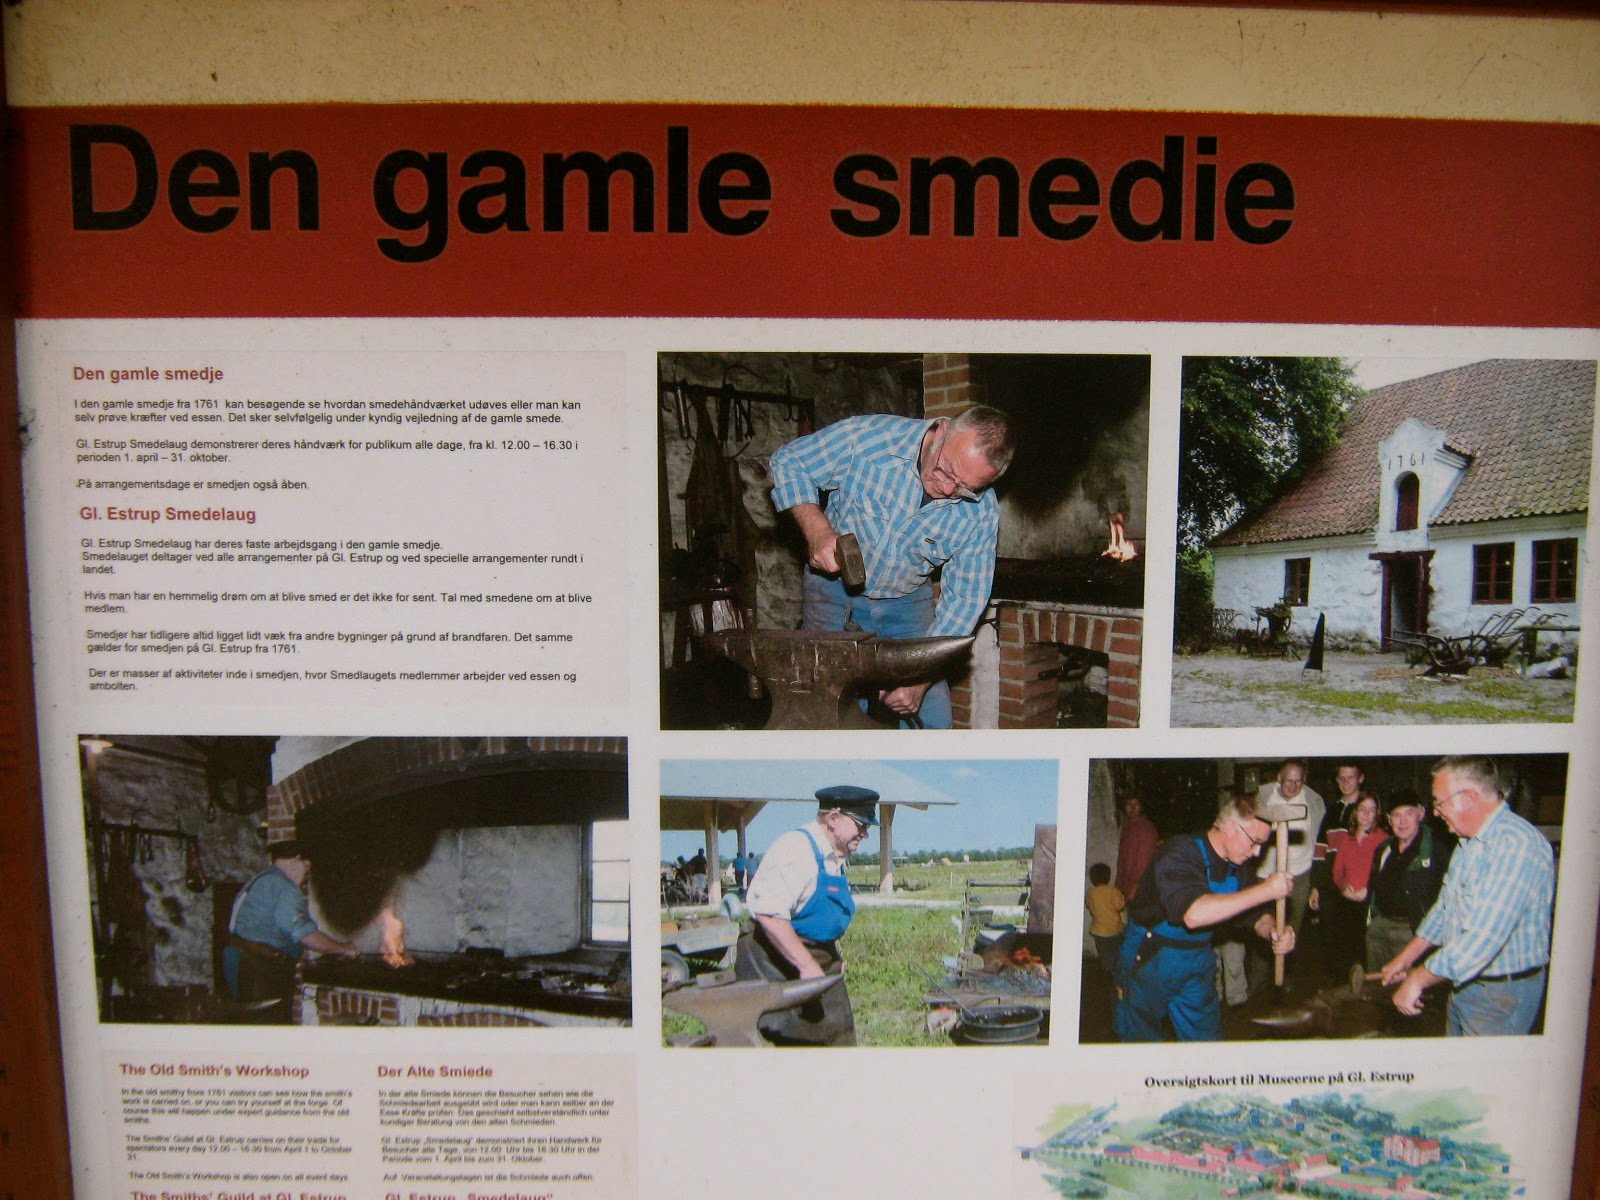 Gammel Estrup agricultural museum eb com side 6